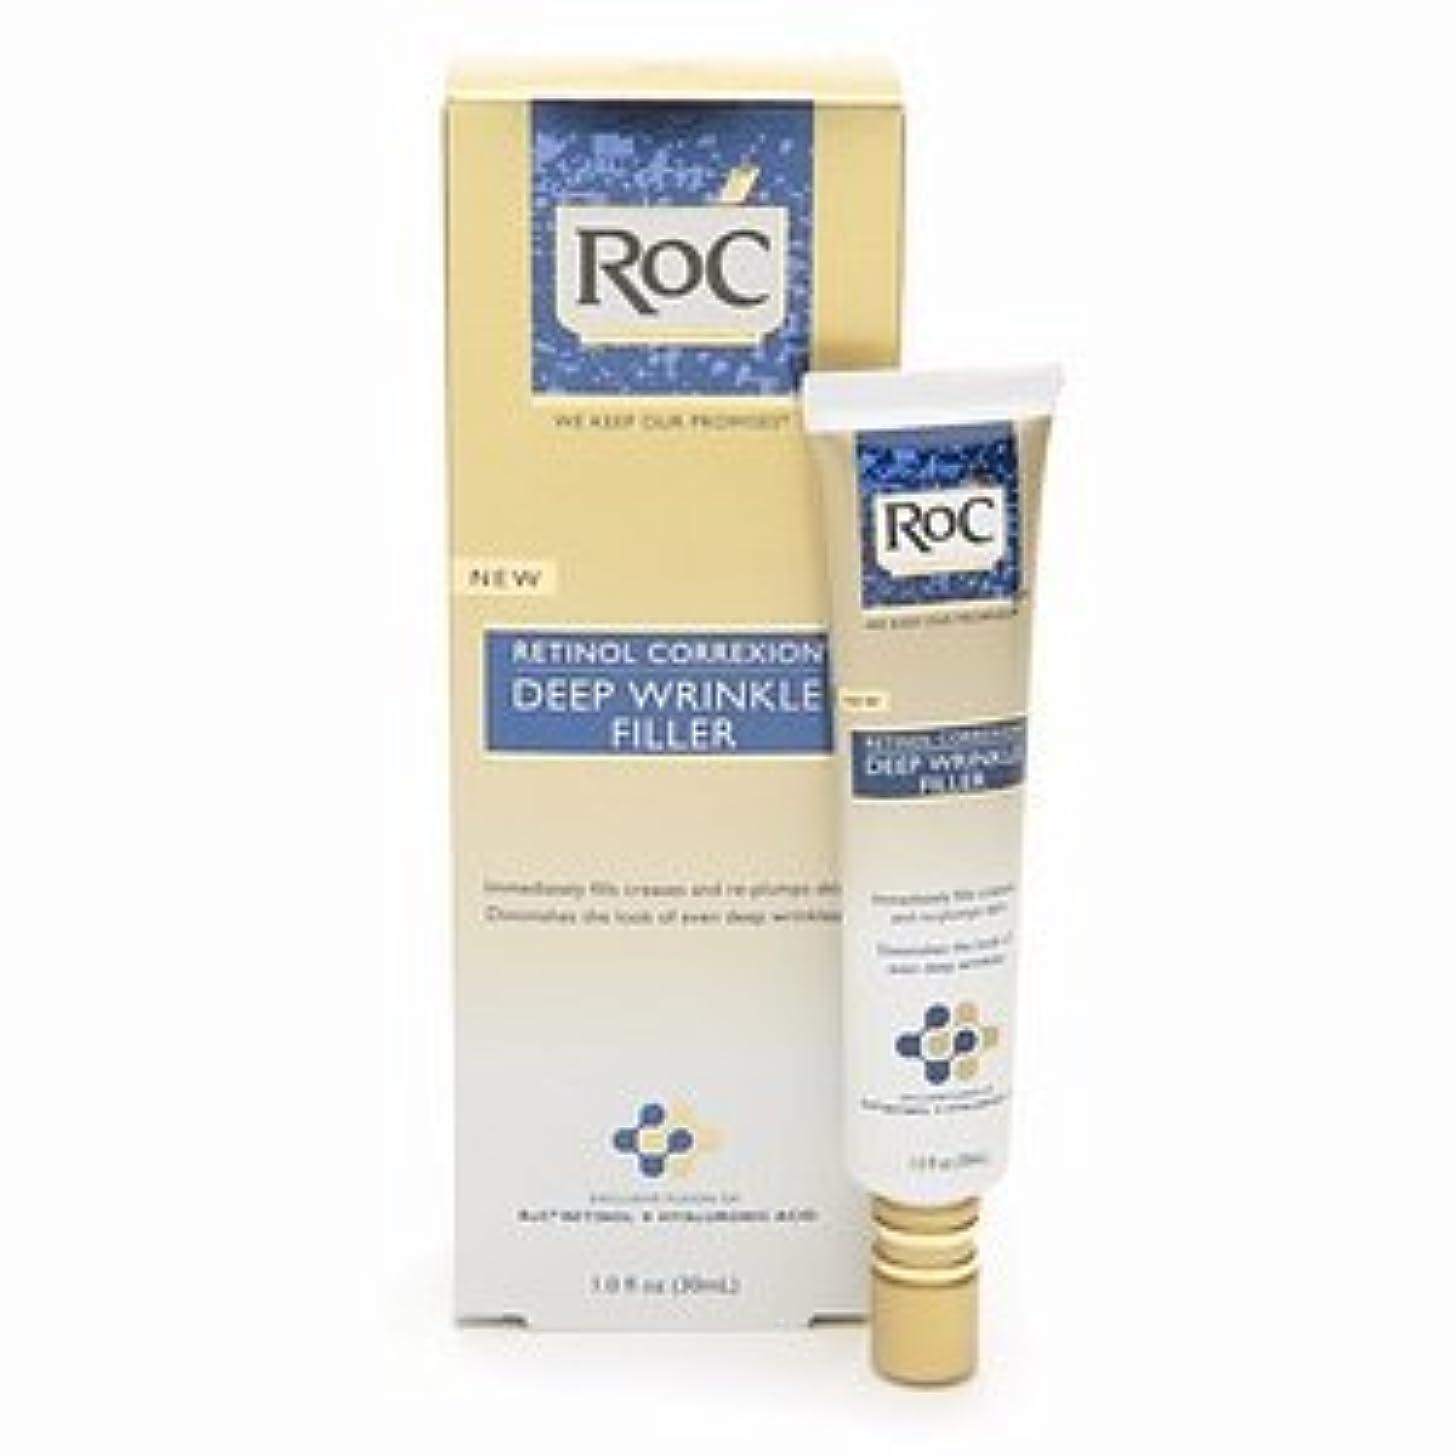 突き刺すリーチ楽観的RoC レチノール コレクション ディープリンクル フィラー RoC Retinol Correxion Deep Wrinkle Filler